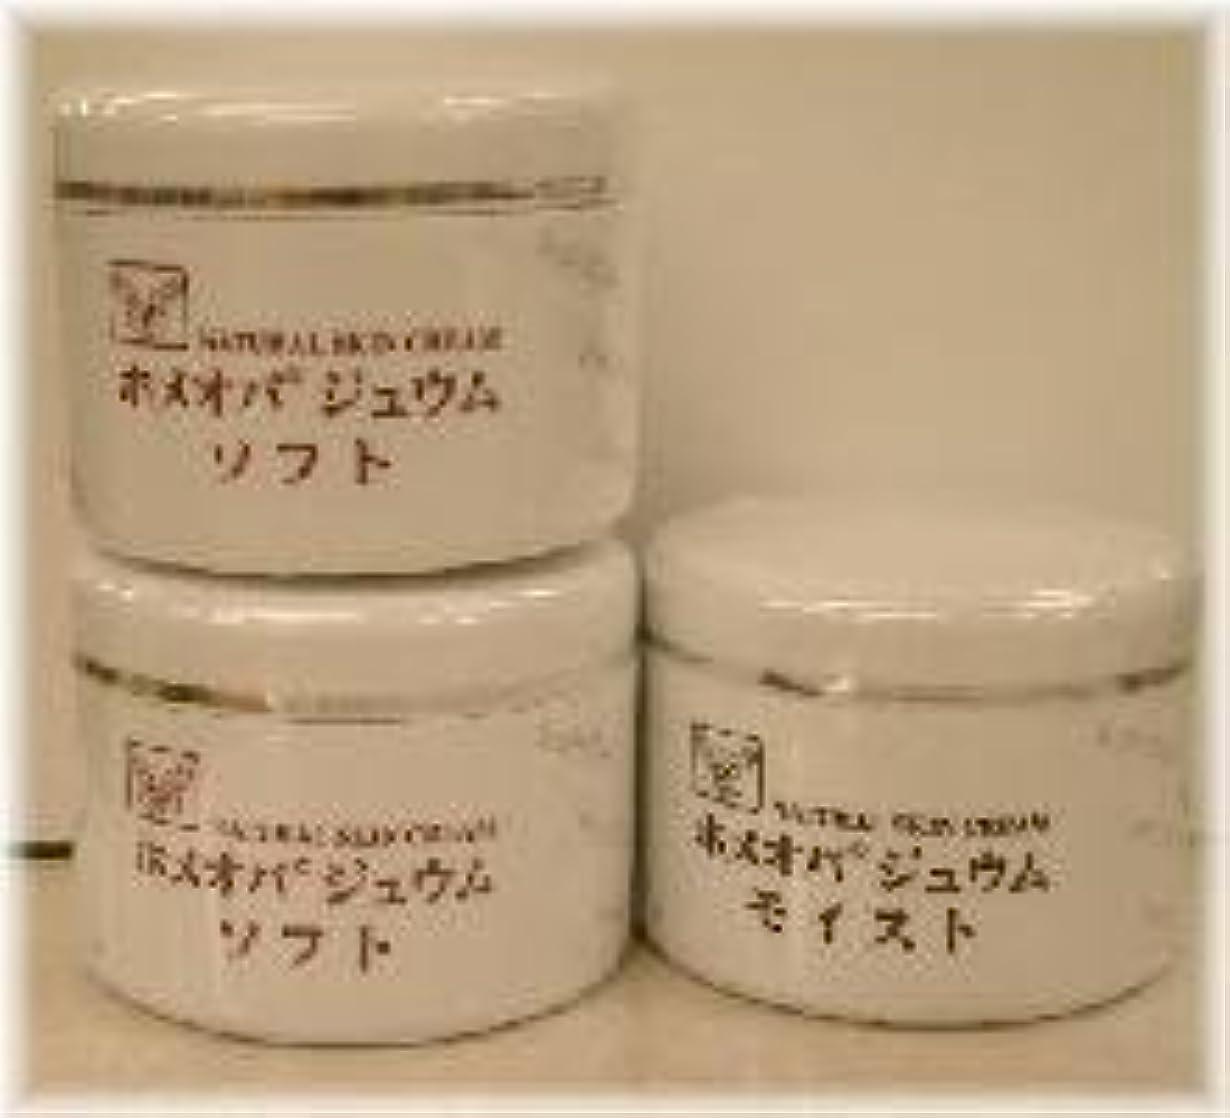 暴力女王発見ホメオパジュウム スキンケア商品3点 ¥10500クリームソフト2個+クリームモイスト